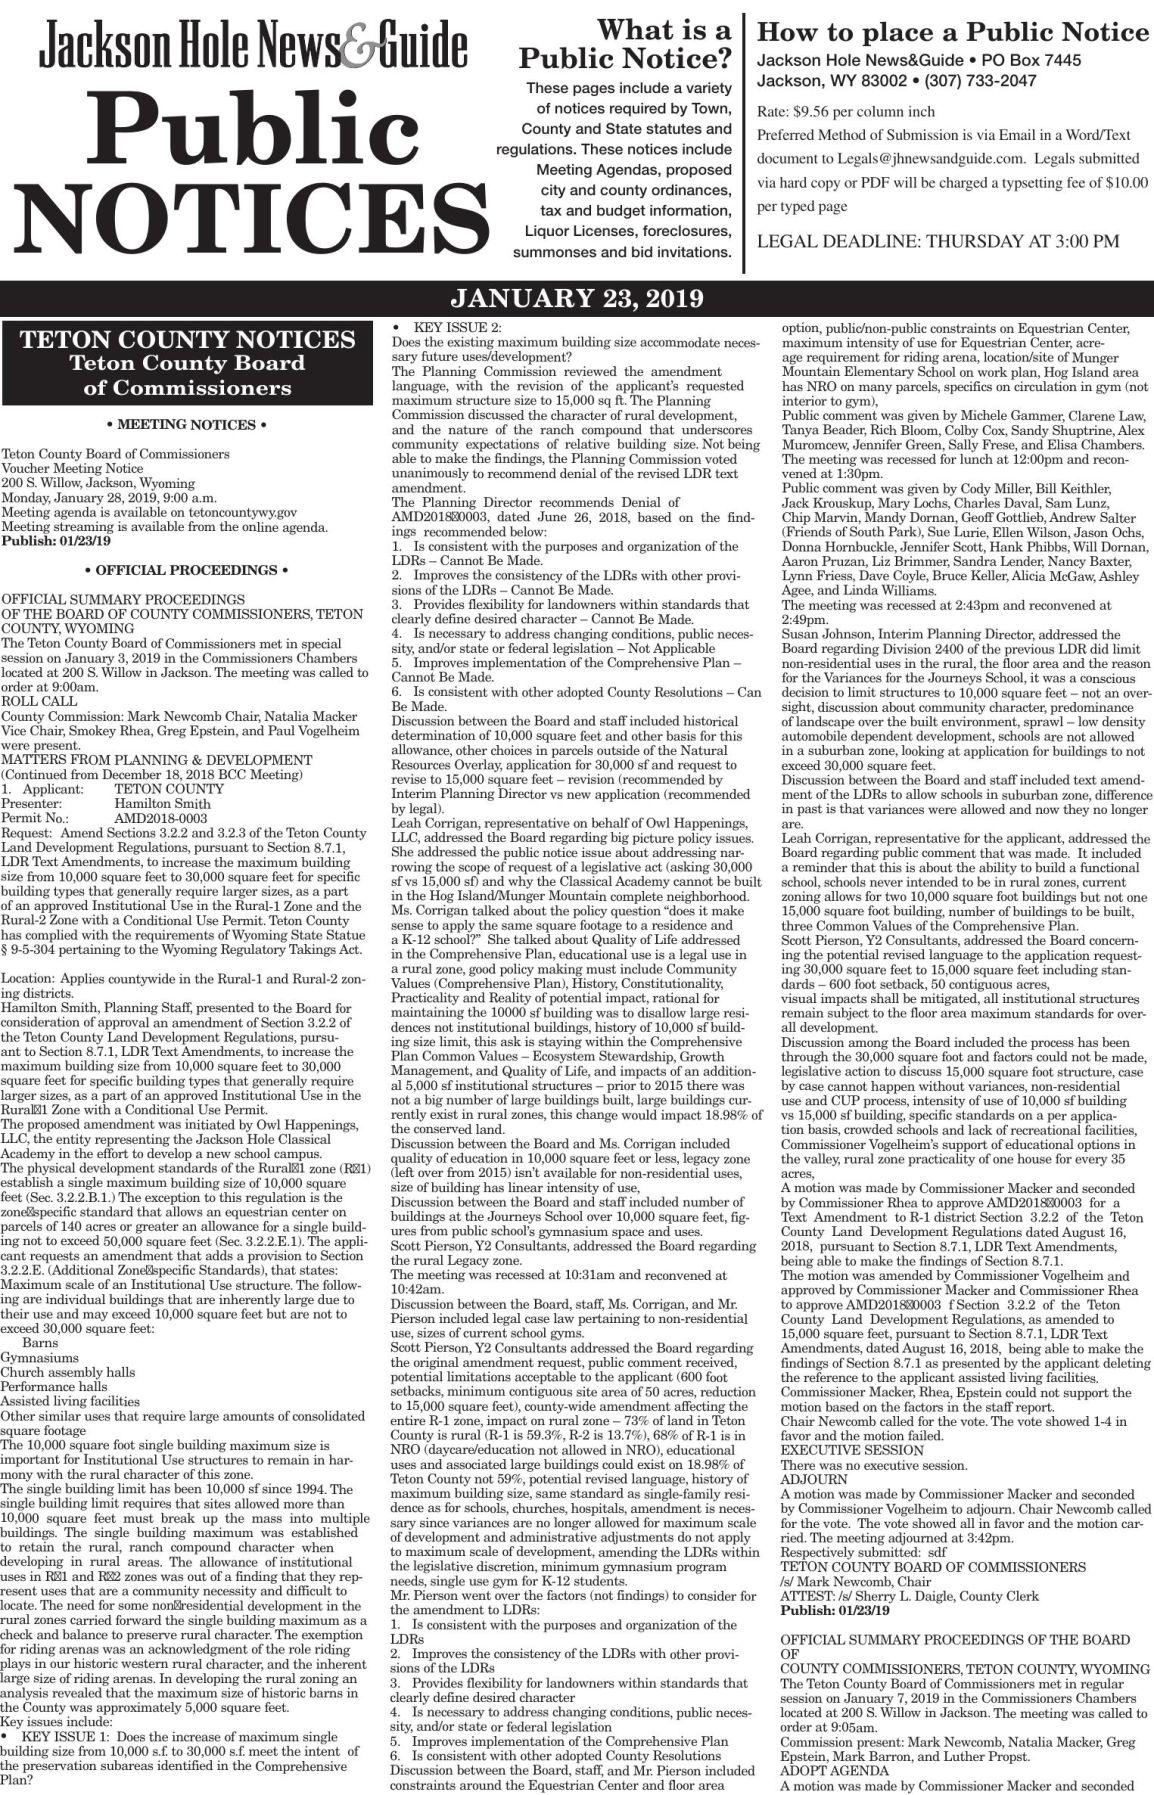 Public Notices, Jan. 23, 2019